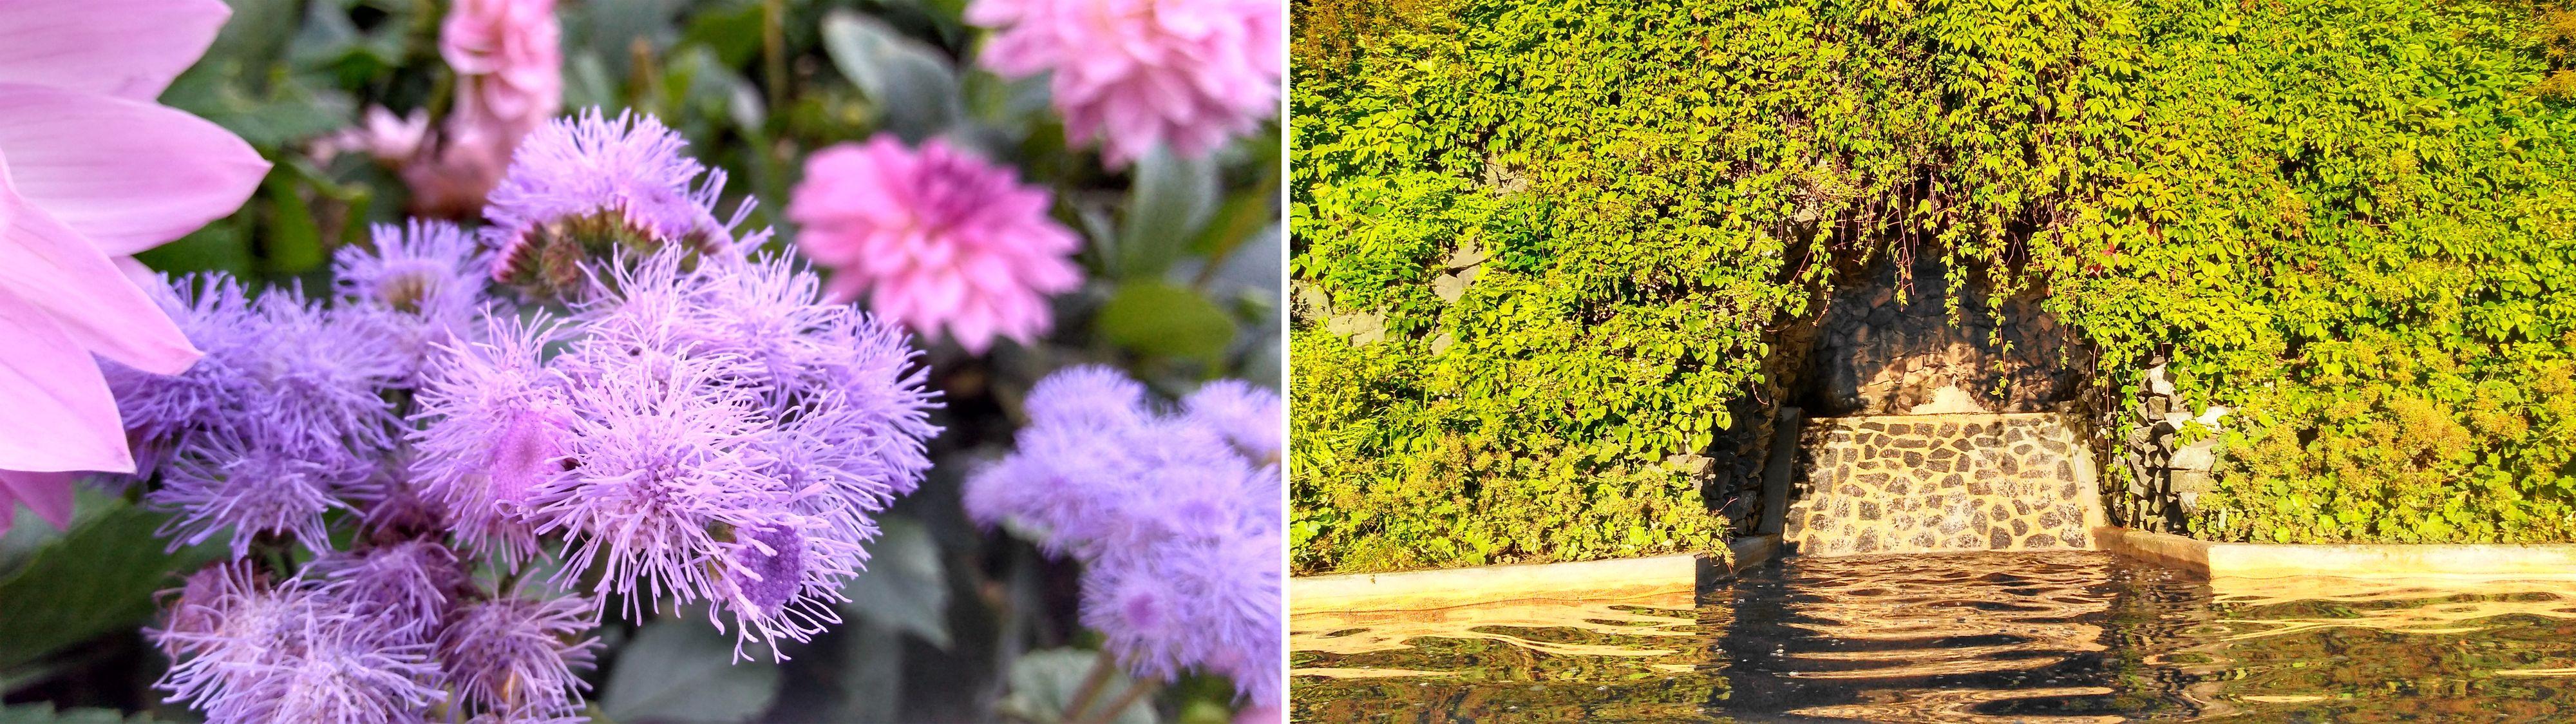 Nei, de lilla blomstene skal være knallblå! Og parken er veeeeldig grønn.